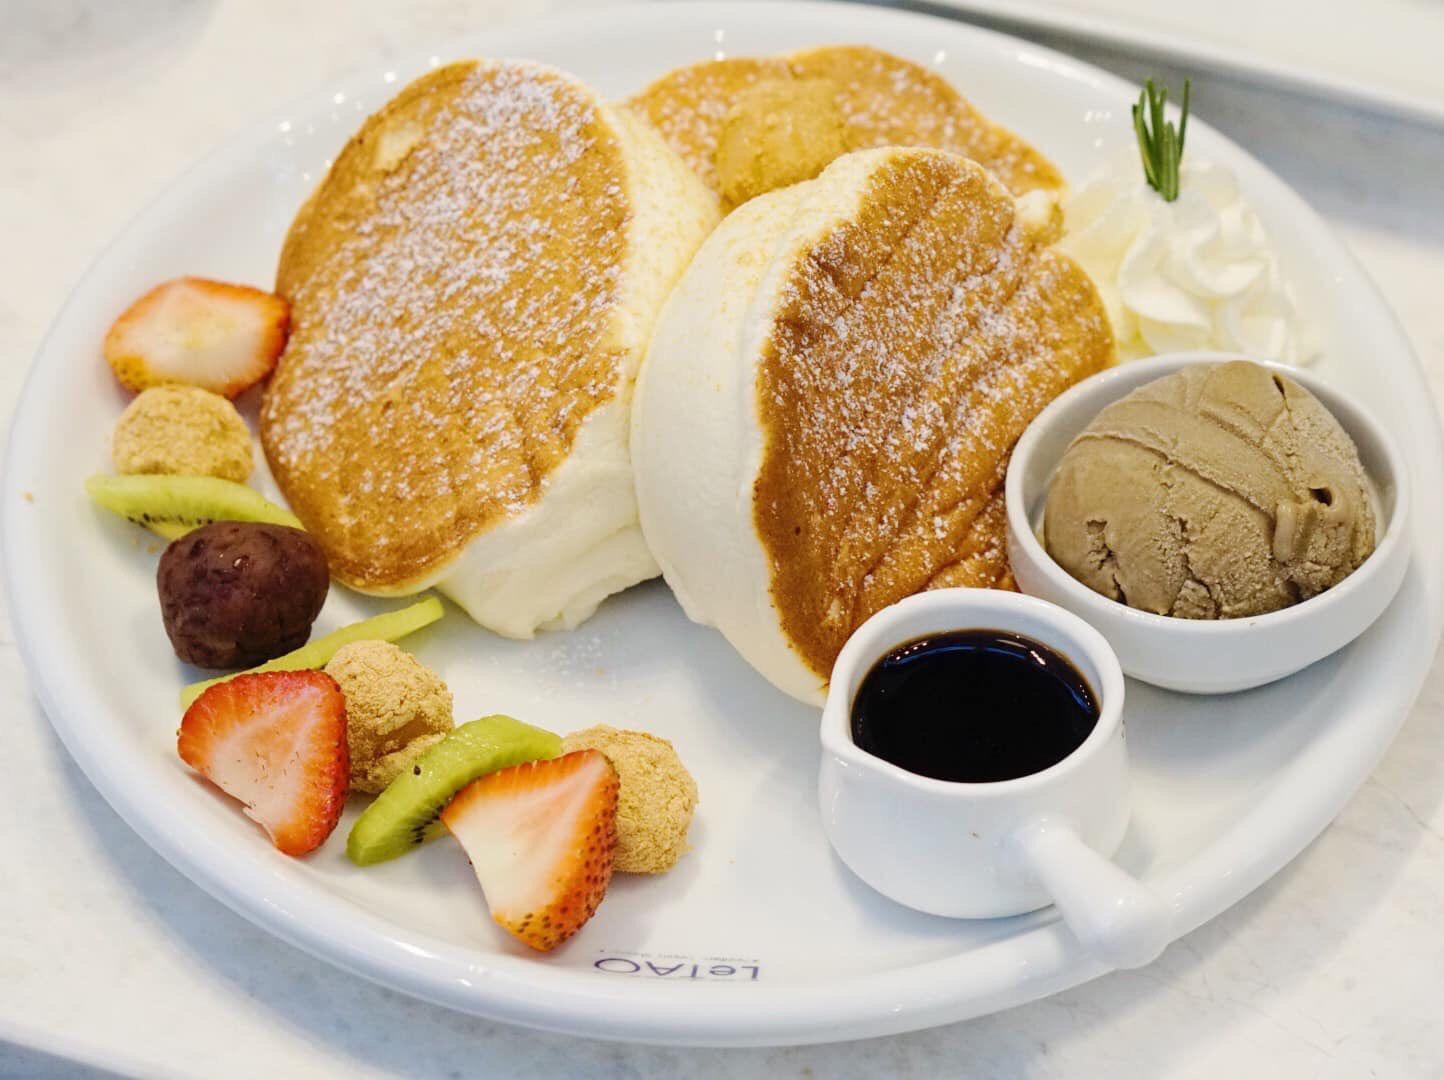 พุดดิ้งญี่ปุ่น LeTAO Cafe Thailand